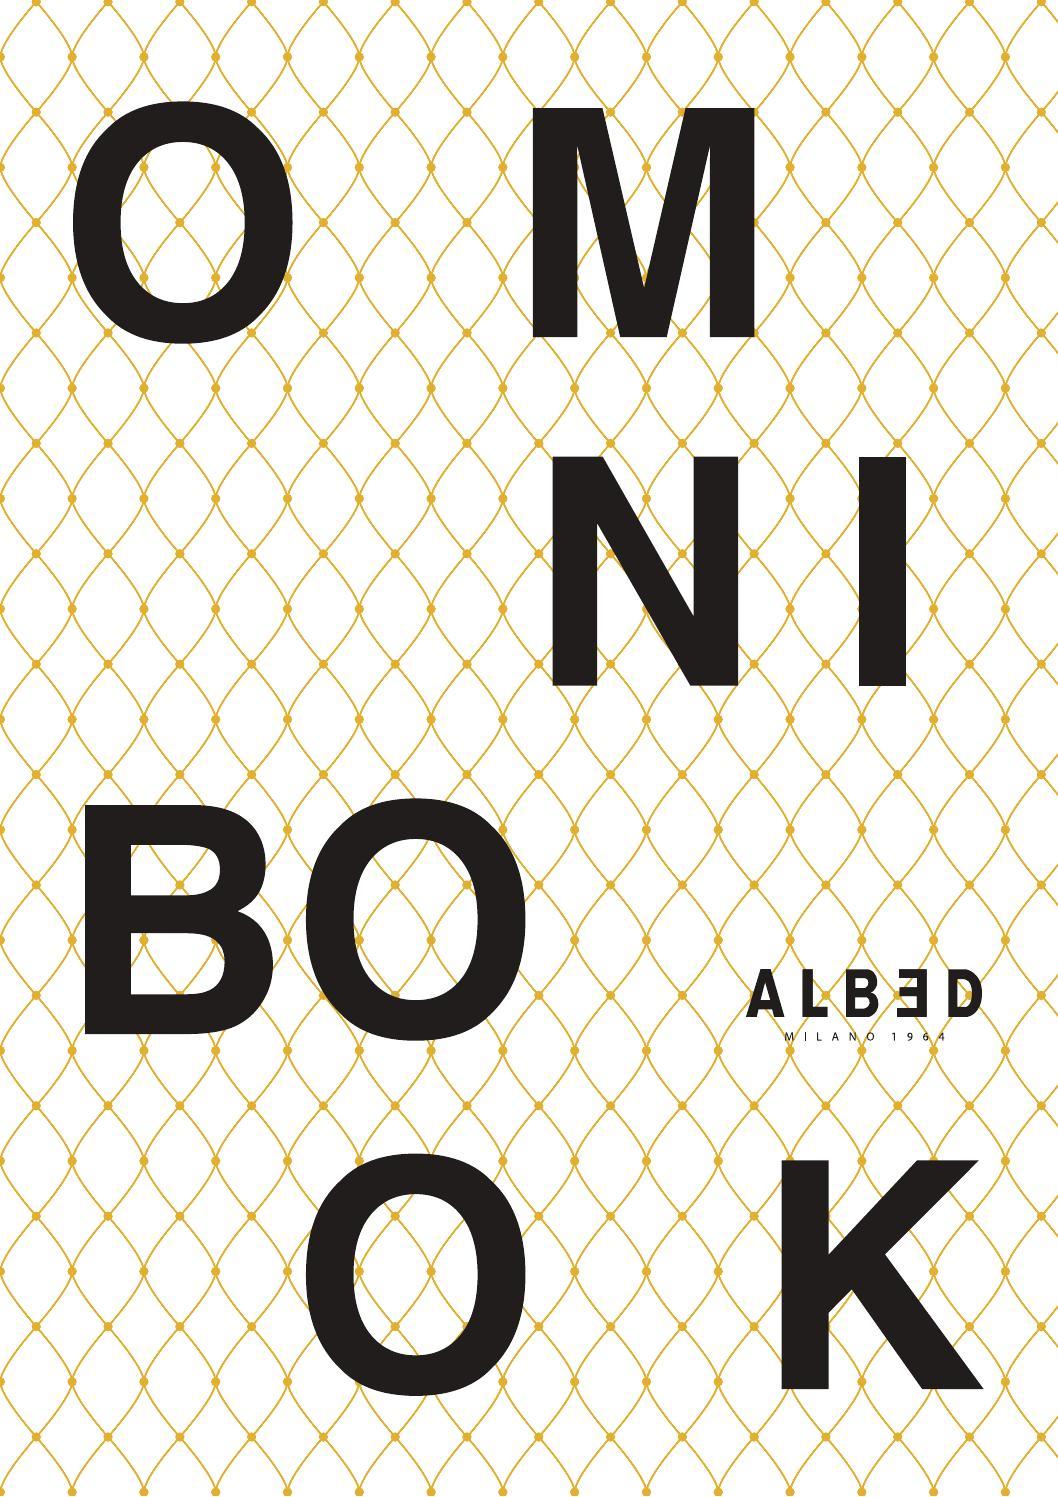 Albed Libreria Girevole Prezzo albed   omnibook 2018 by d+ concept - issuu